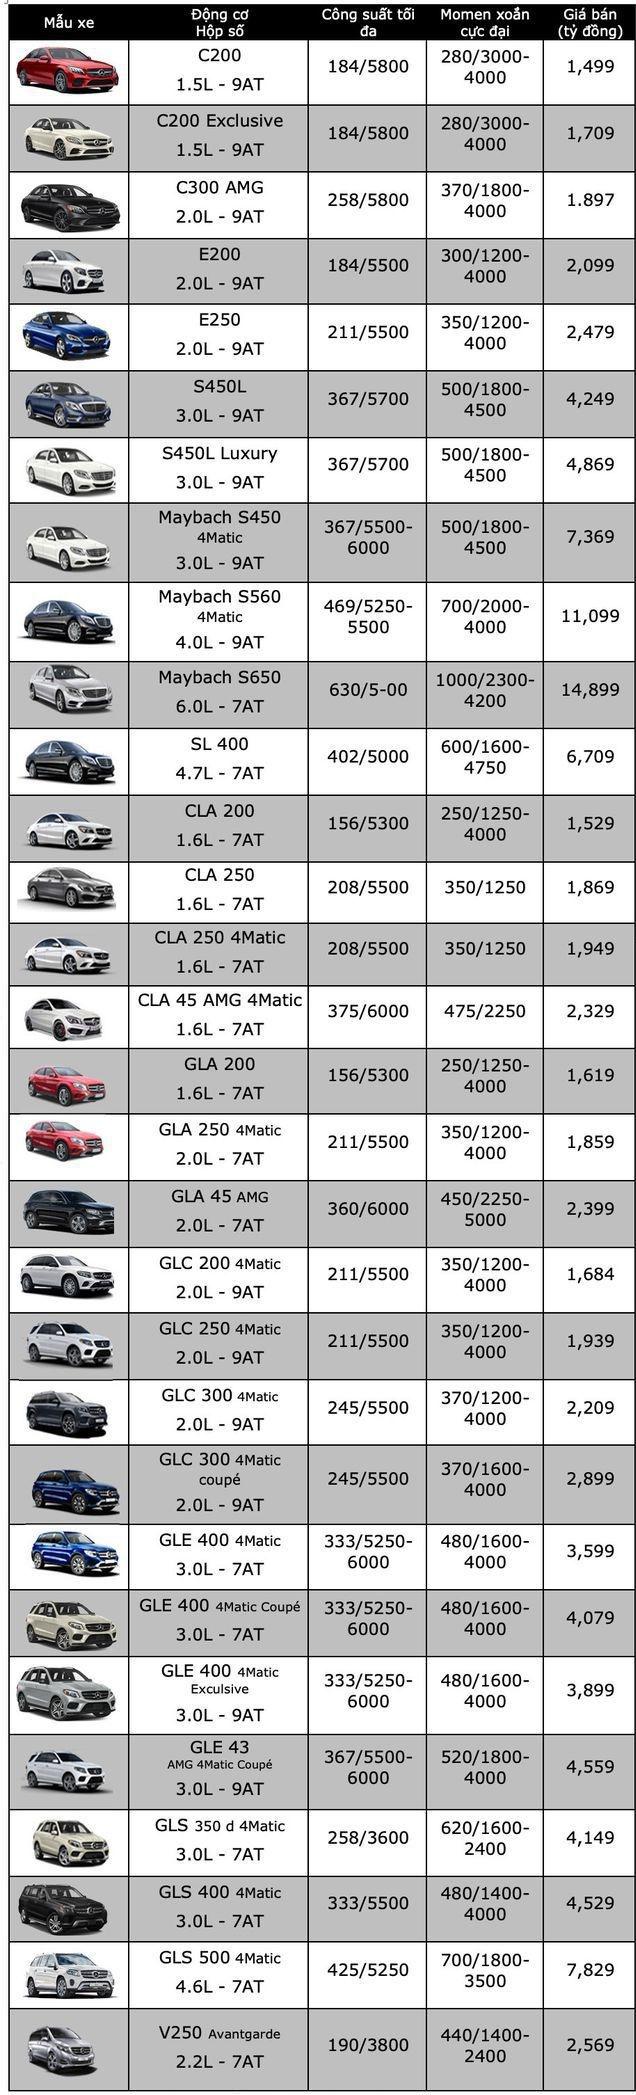 Bảng giá xe Mercedes-Benzmới nhất tháng 6/2019: GLC 300 4Matic giá 2,289 tỷ đồng - Ảnh 2